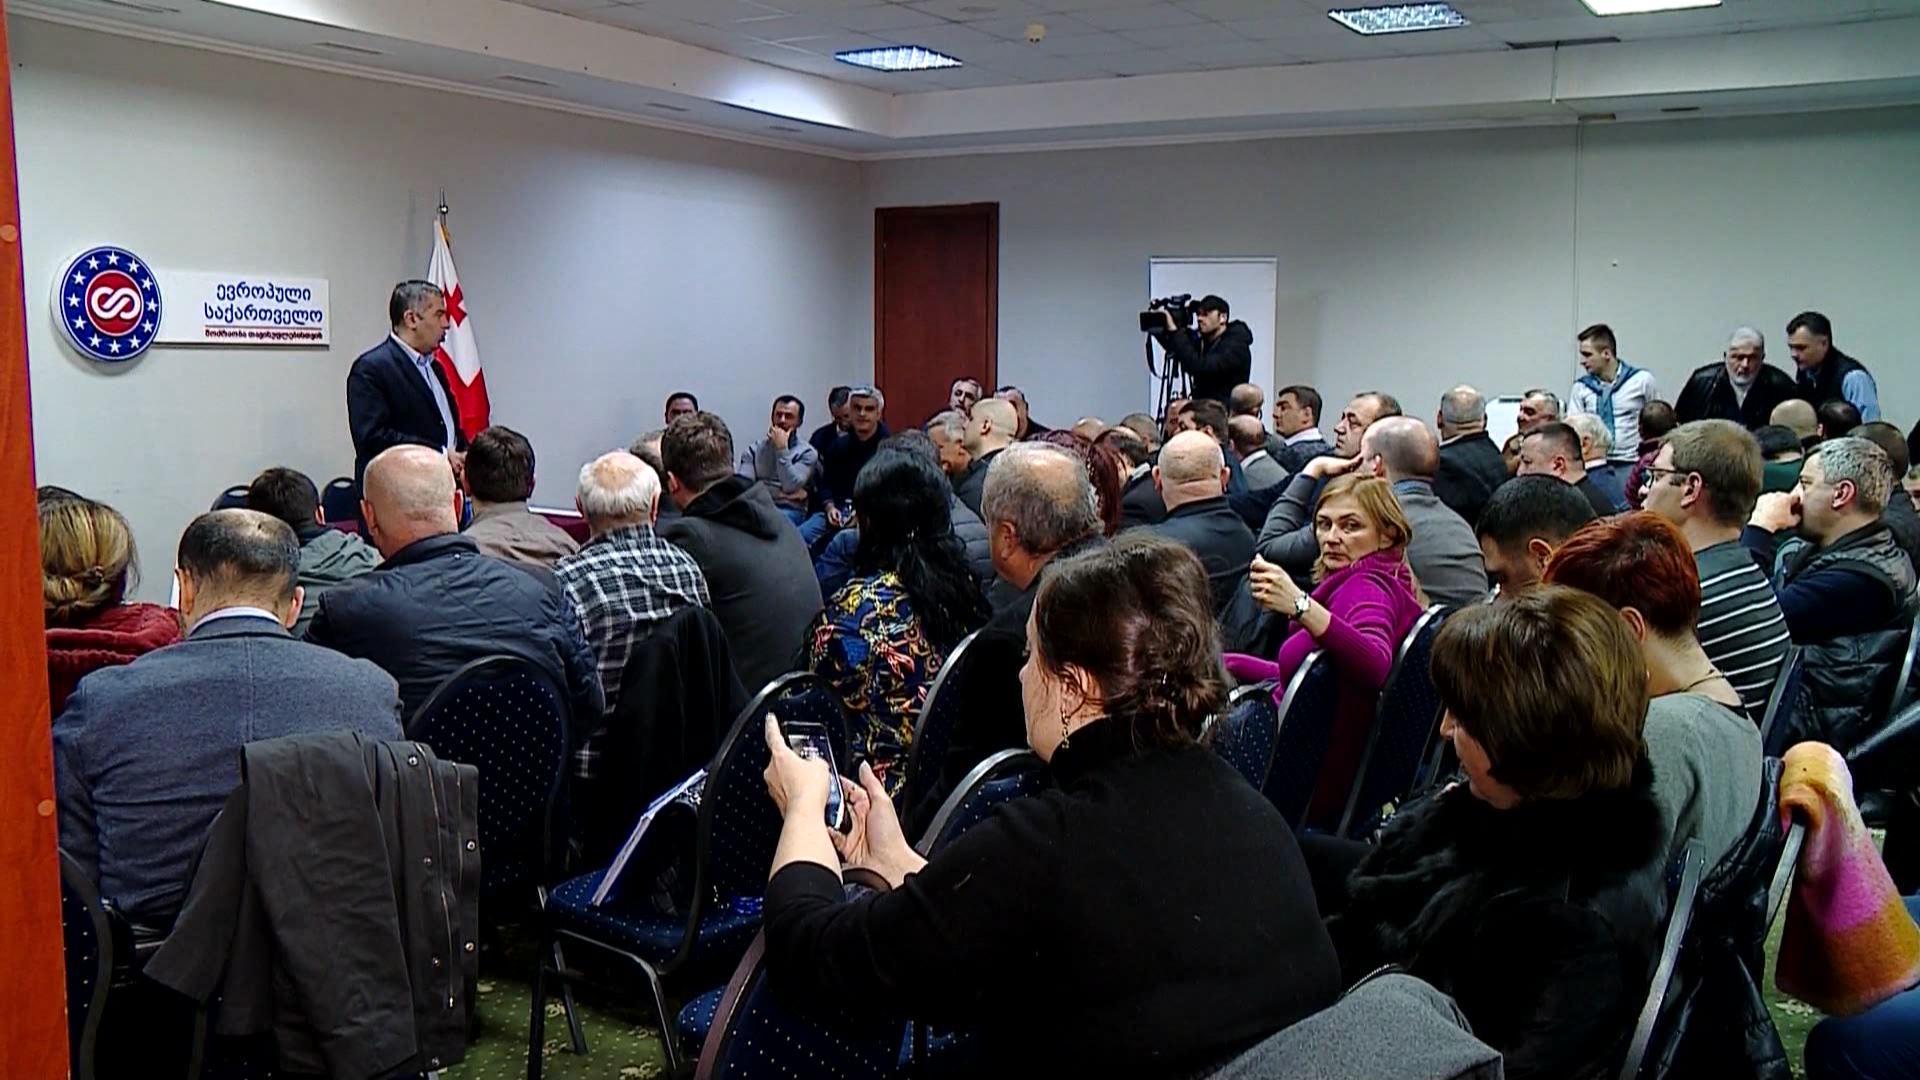 20 პოლიტიკური გაერთიანებისგან შემდგარი საინიციატივო ჯგუფი მაჟორიტარული სისტემის გაუქმებას ითხოვს